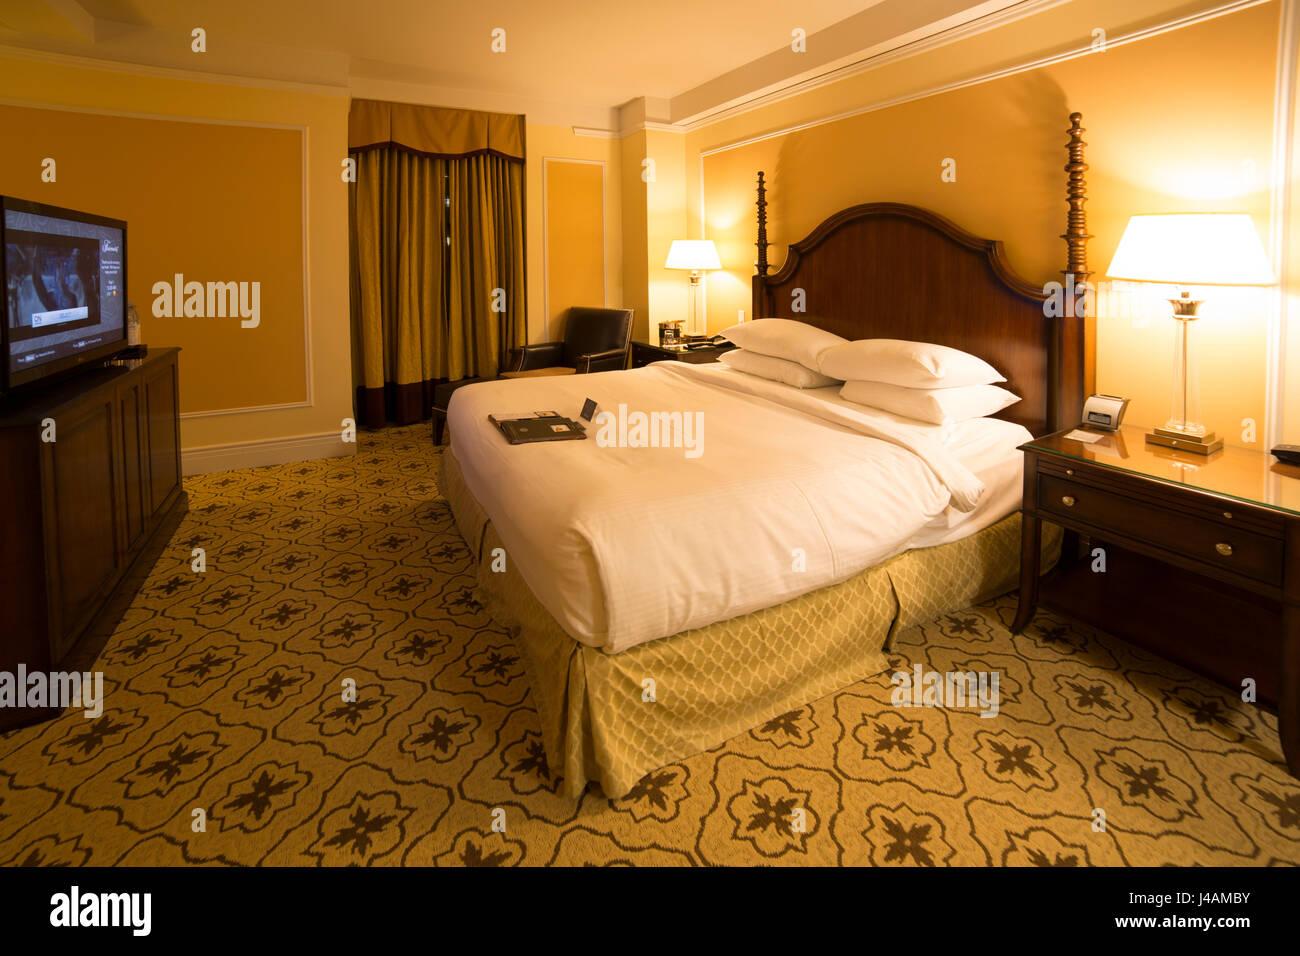 Las habitaciones del Fairmont Hotel Vancouver en Vancouver, Canadá. El hotel fue inaugurado en 1939 por el Imagen De Stock